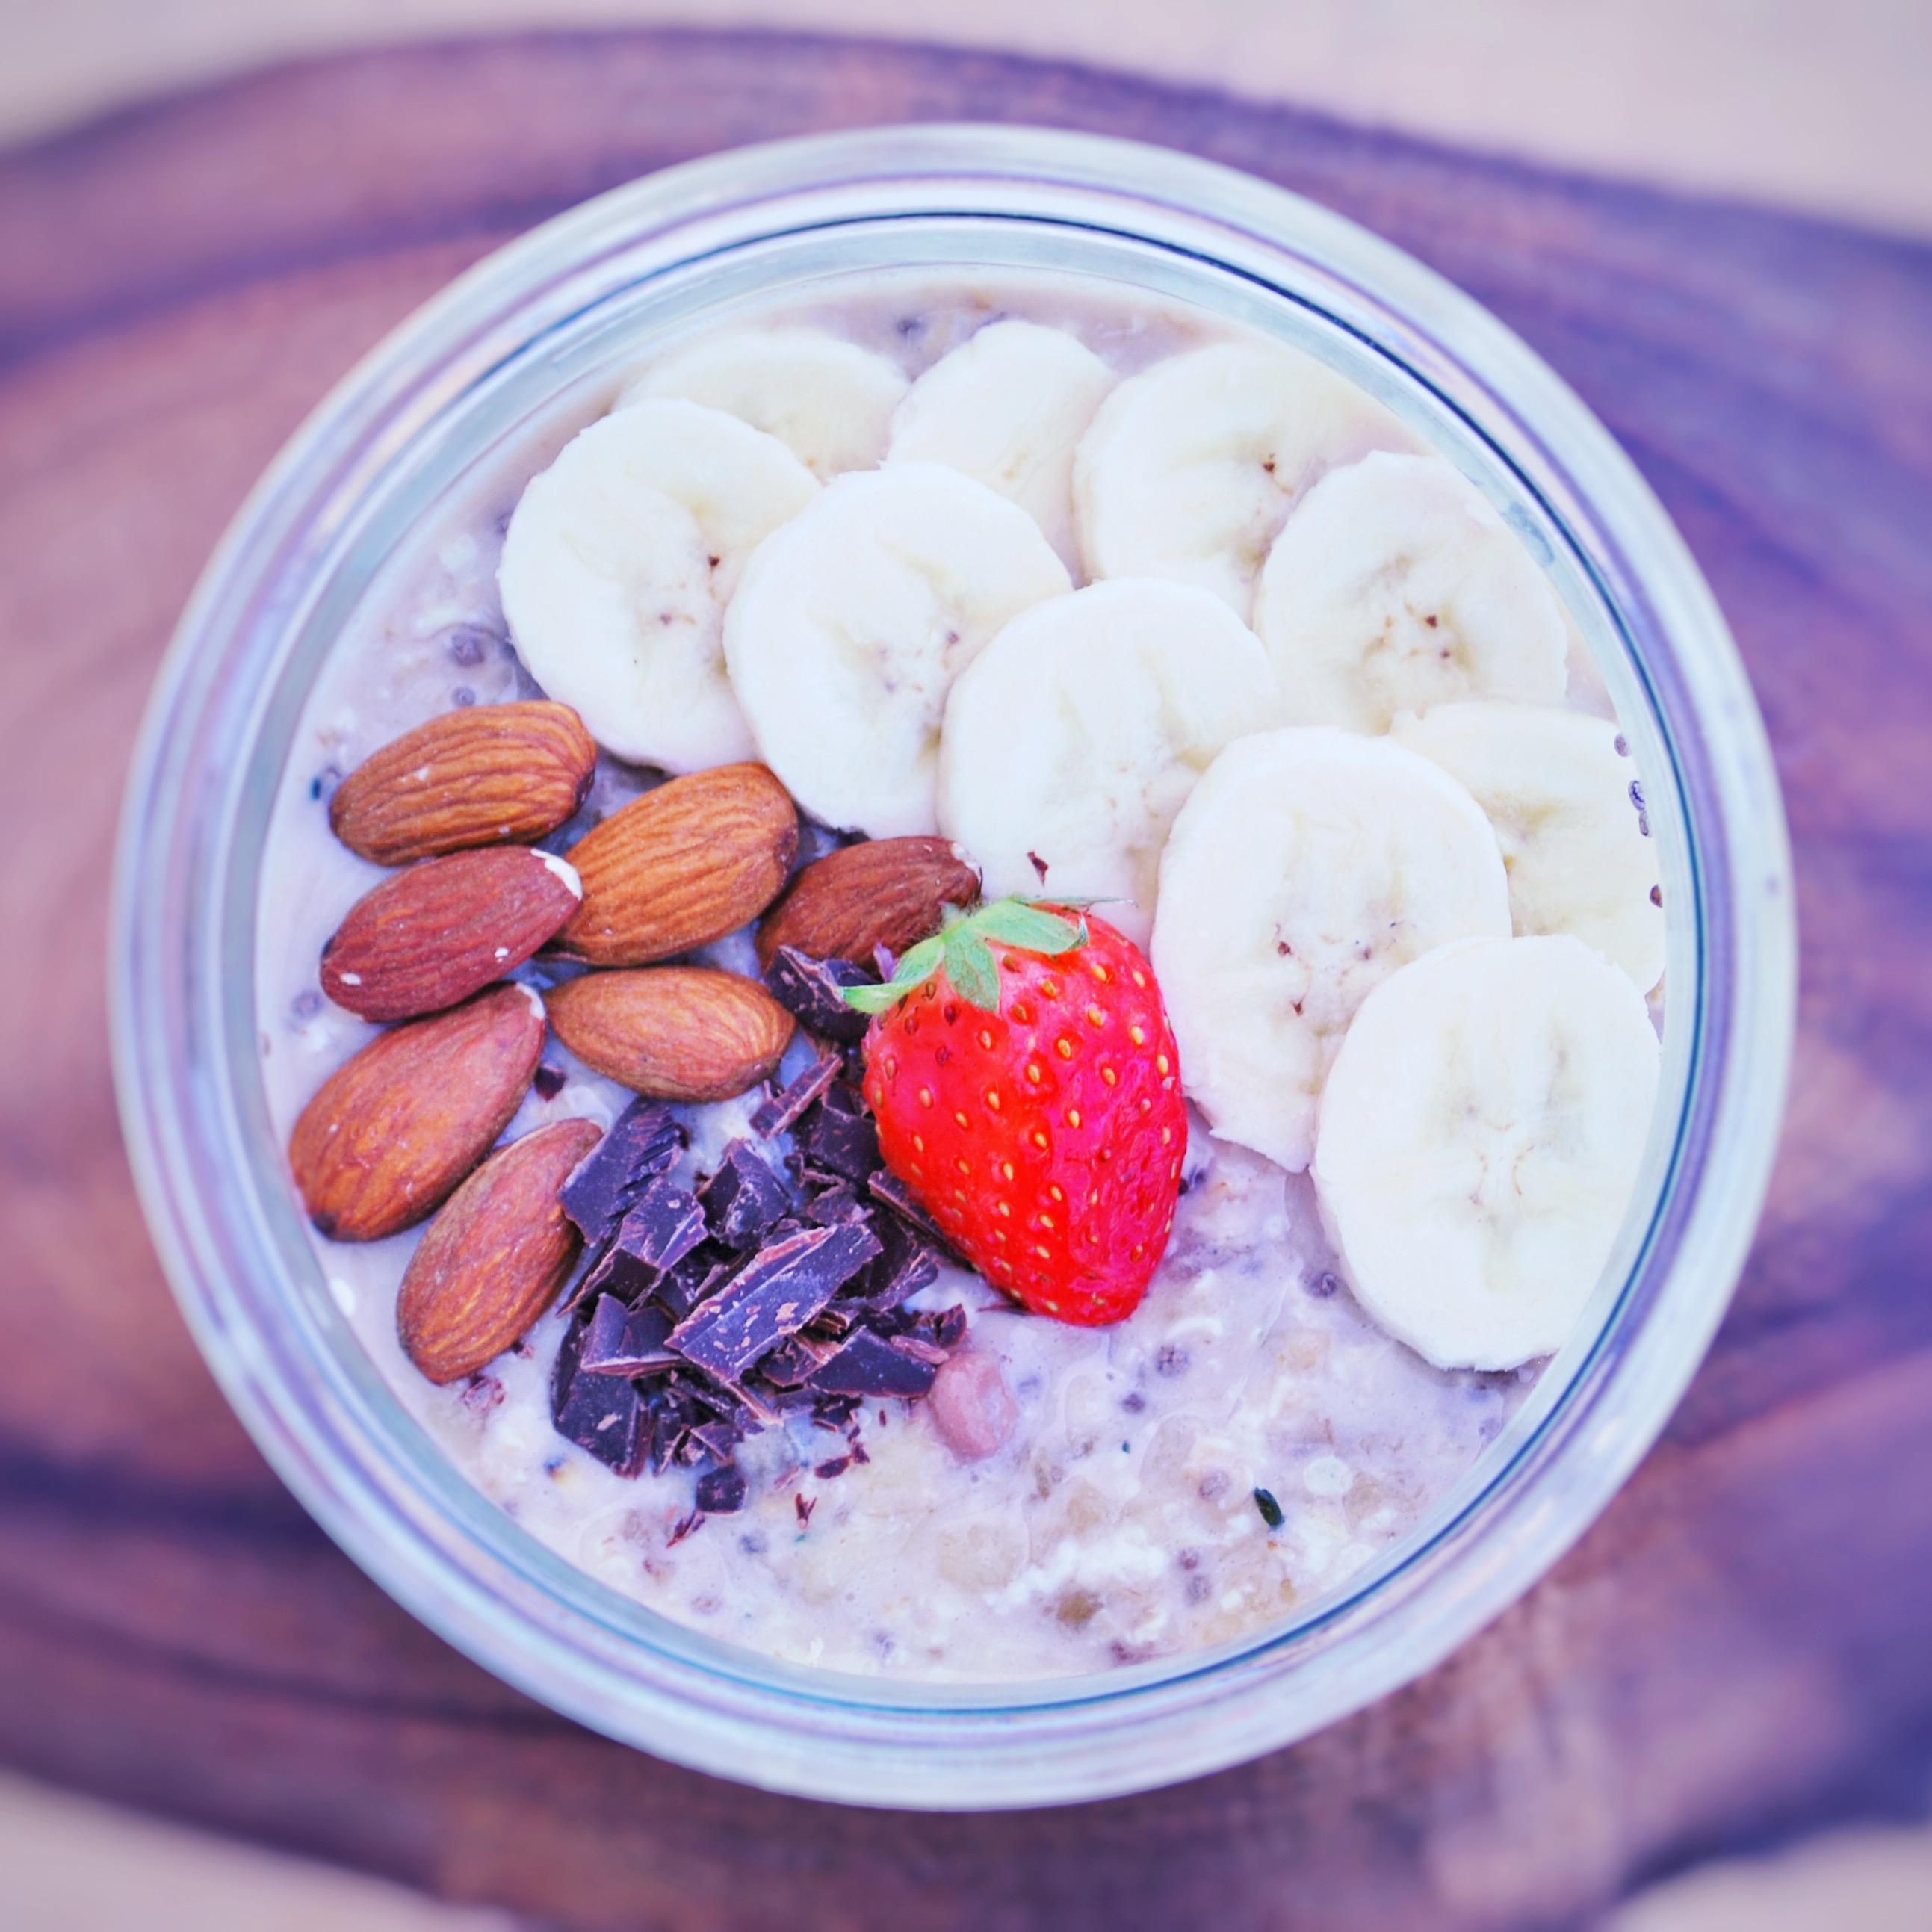 Glutenfri Overnight Oats med banan og chokolade